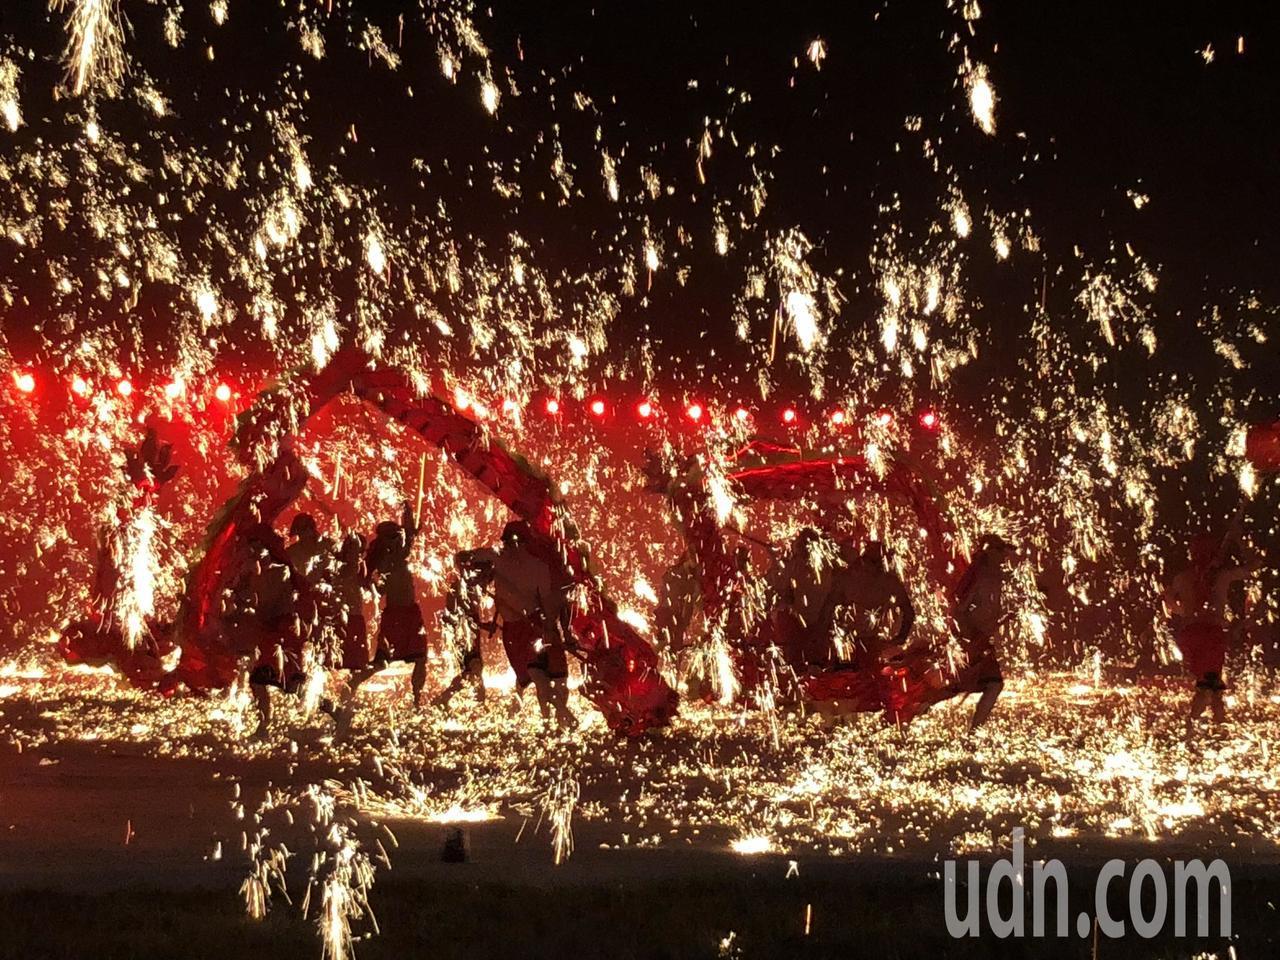 銅梁火龍今晚在南投燈會登場,高溫鐵水濺射化成一陣陣流星火雨,舞者上半身打赤膊,在...